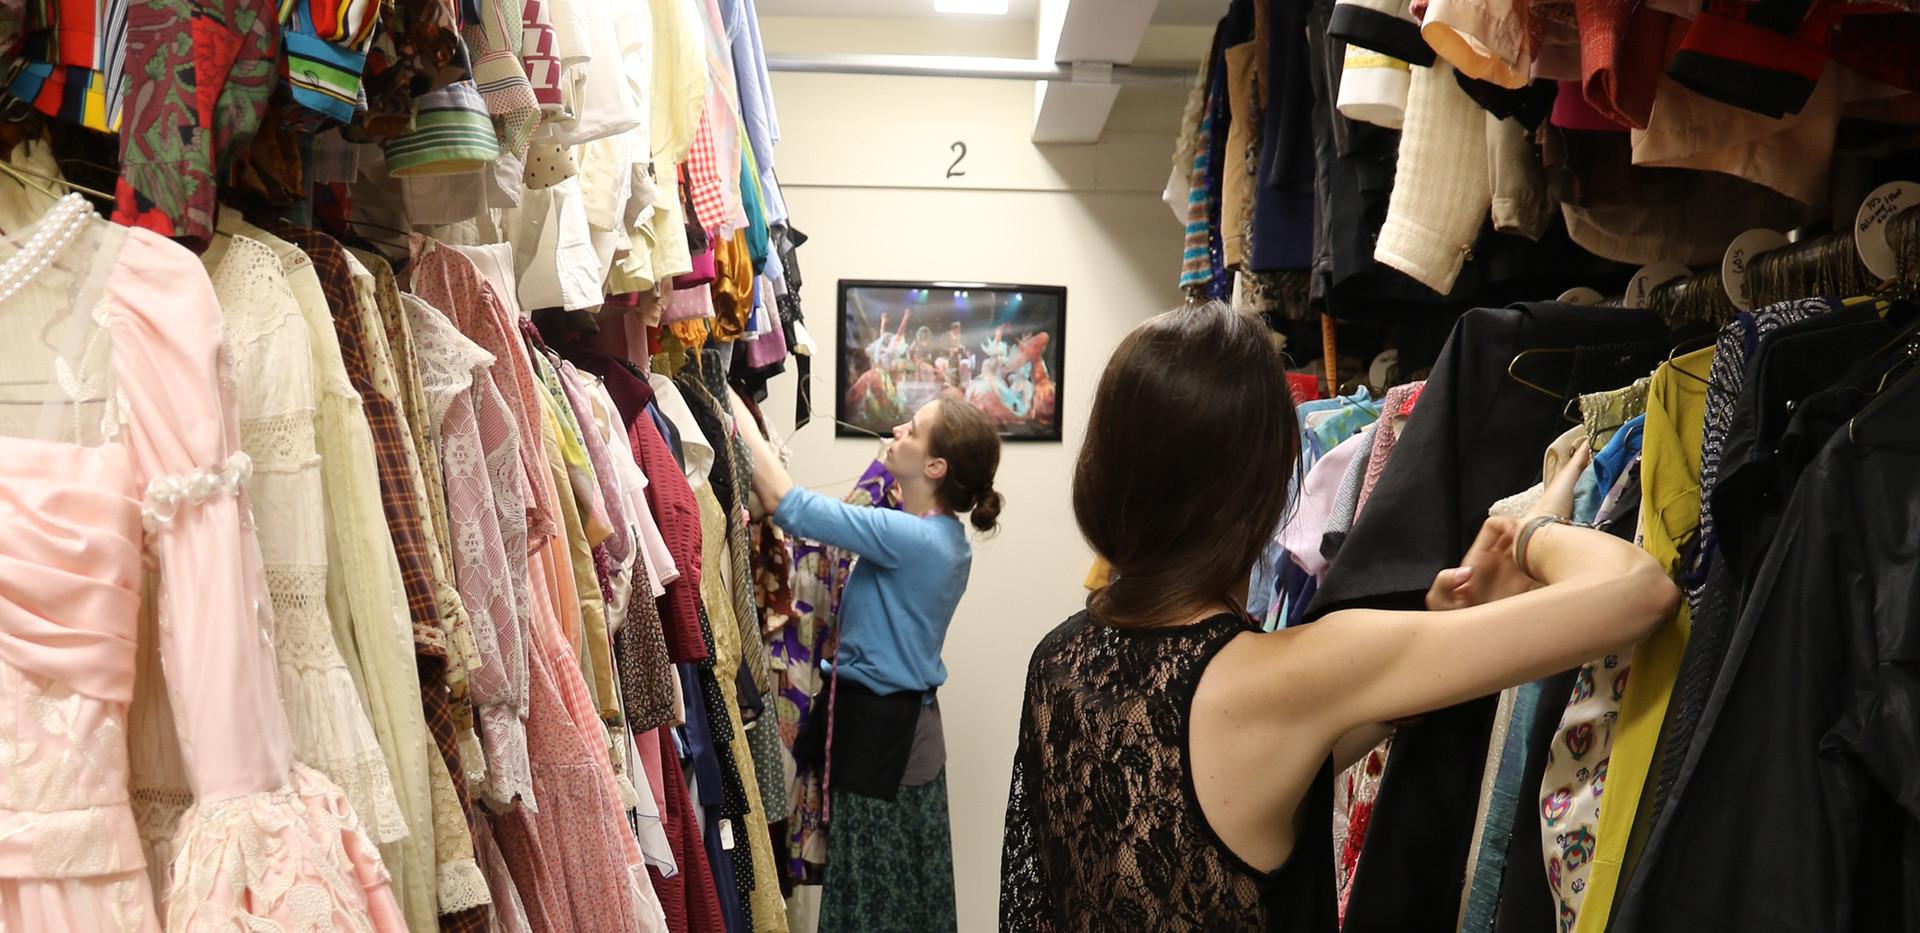 Costume shop storage